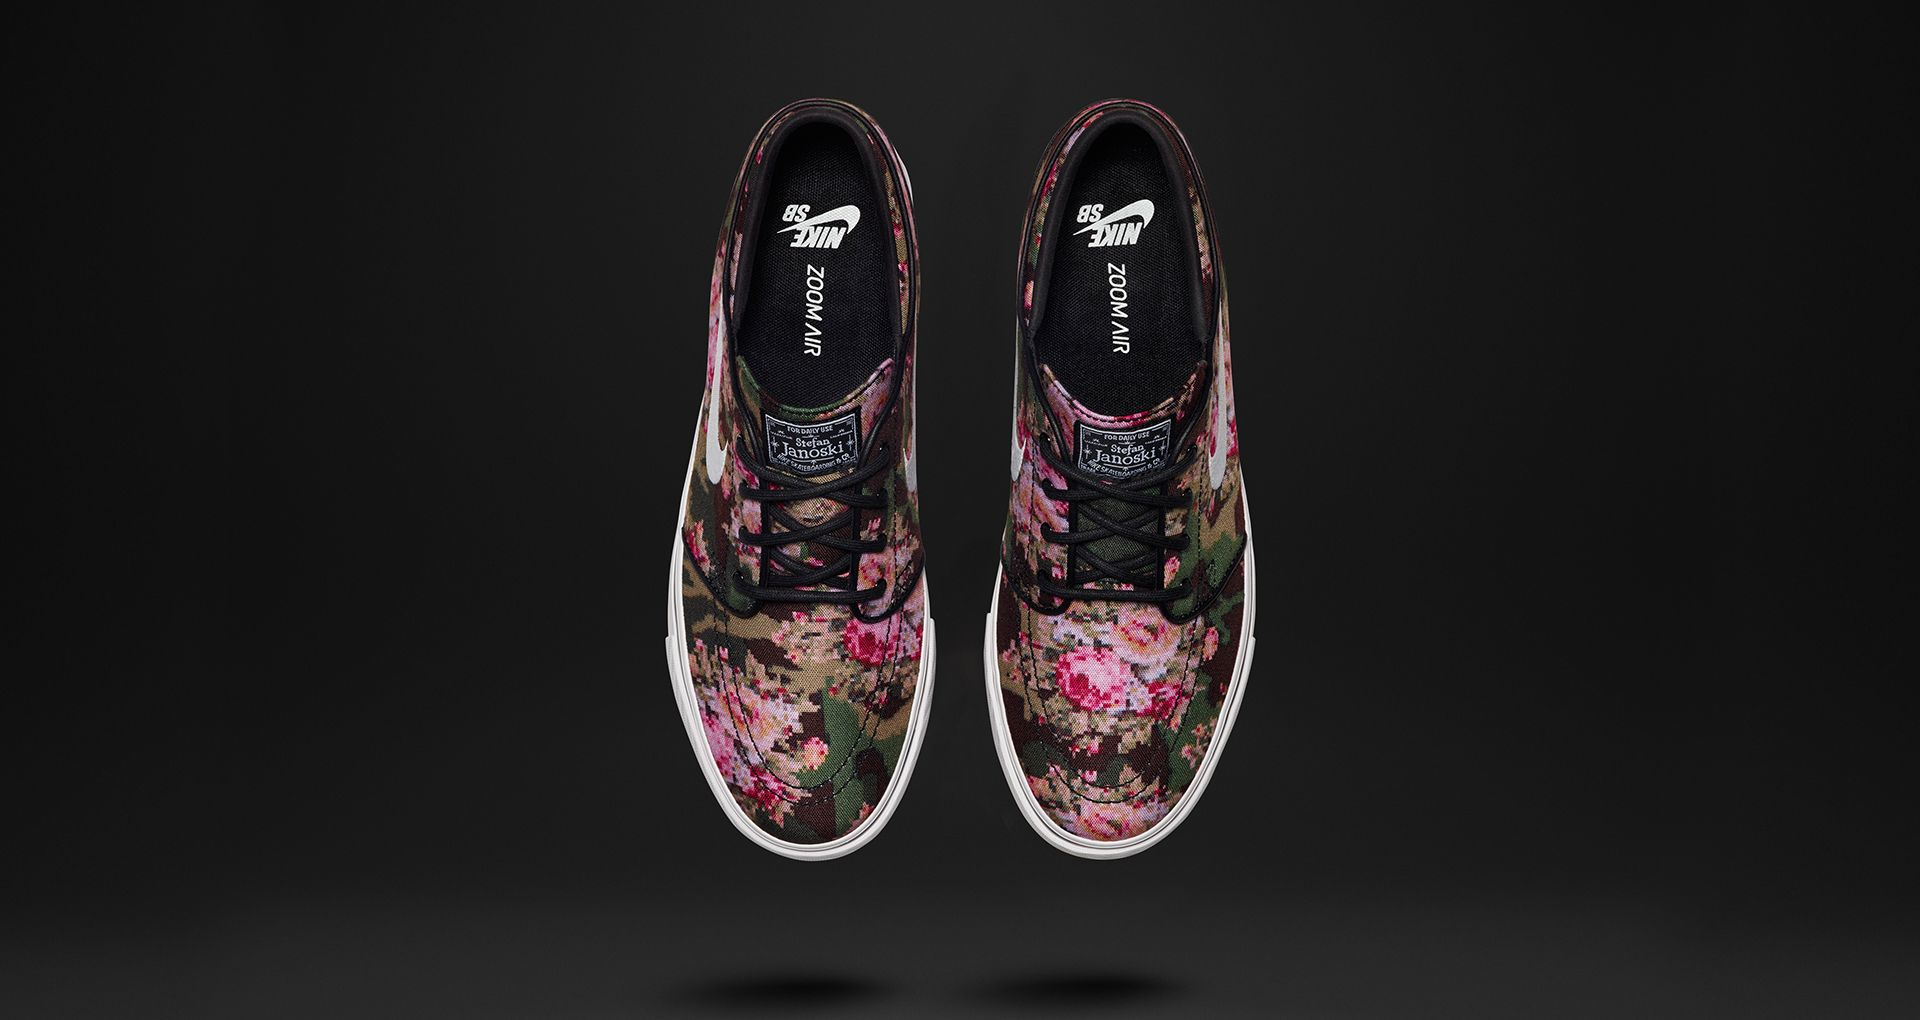 aito laatu lisää valokuvia uusi tuote Nike Zoom Stefan Janoski 'Digi-Floral'. Nike SNKRS